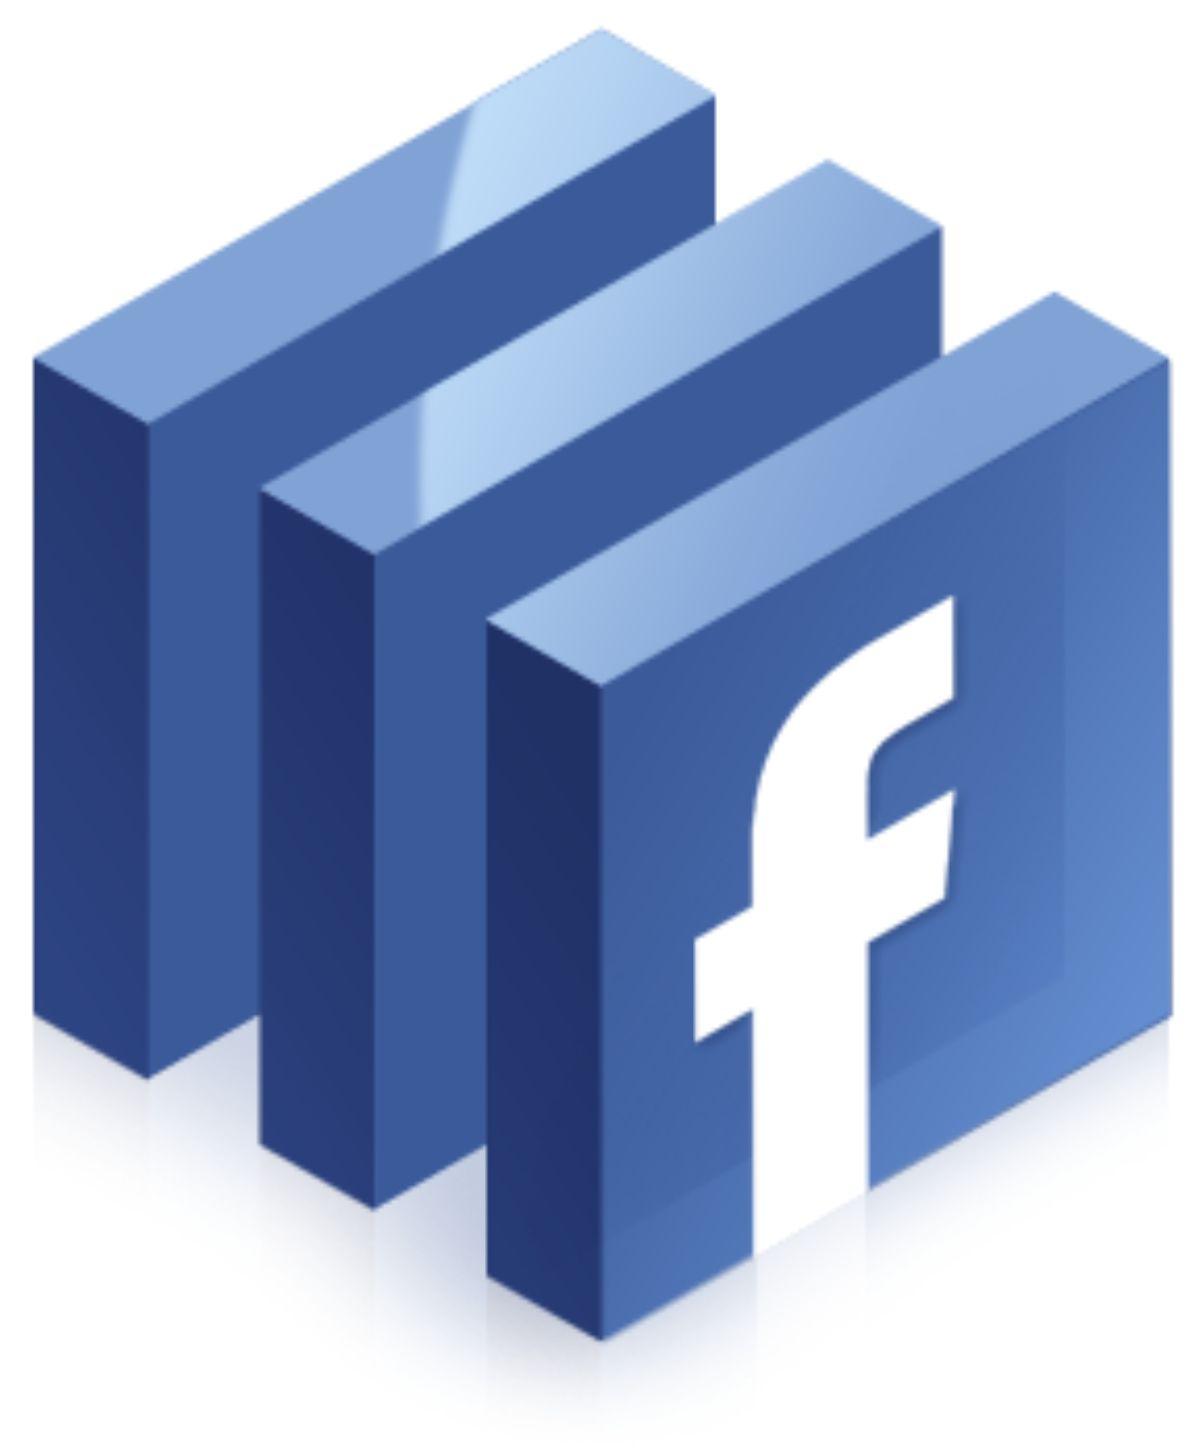 facebook logo new logo quiz amp pictures 2019